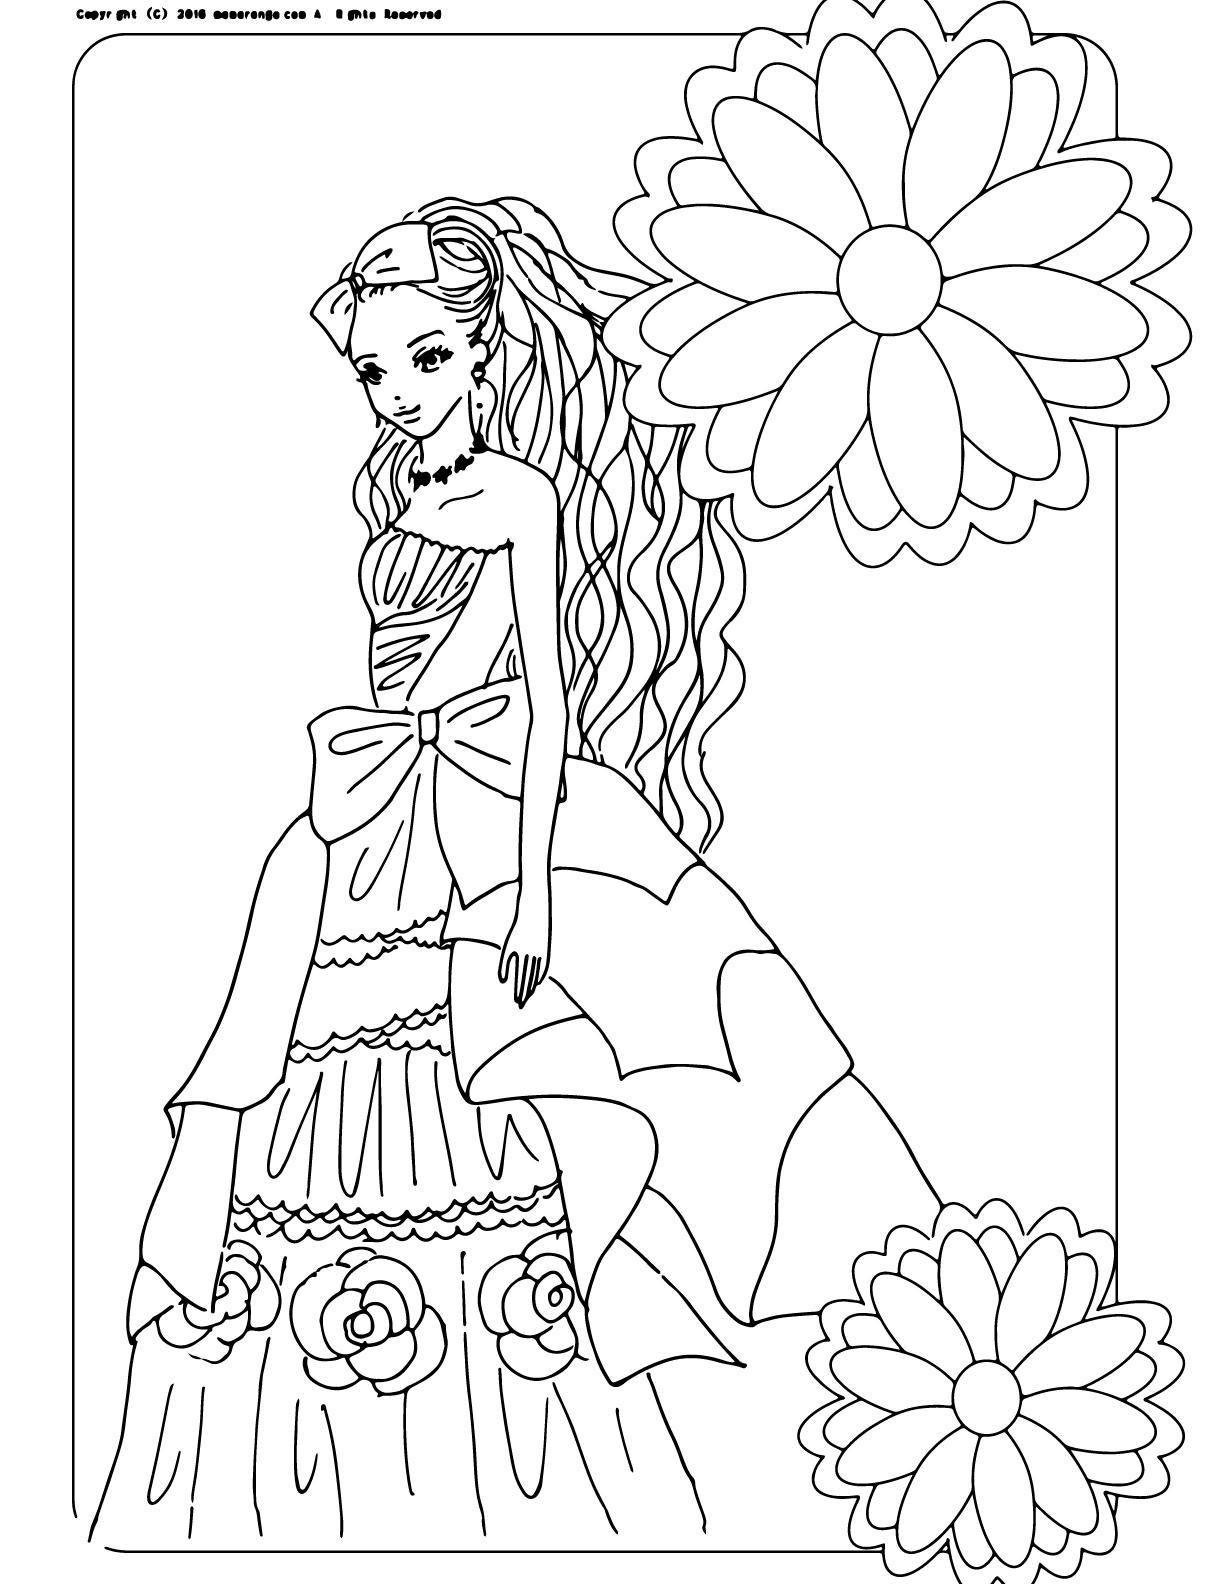 お姫様の塗り絵_大人の塗り絵_ドレス